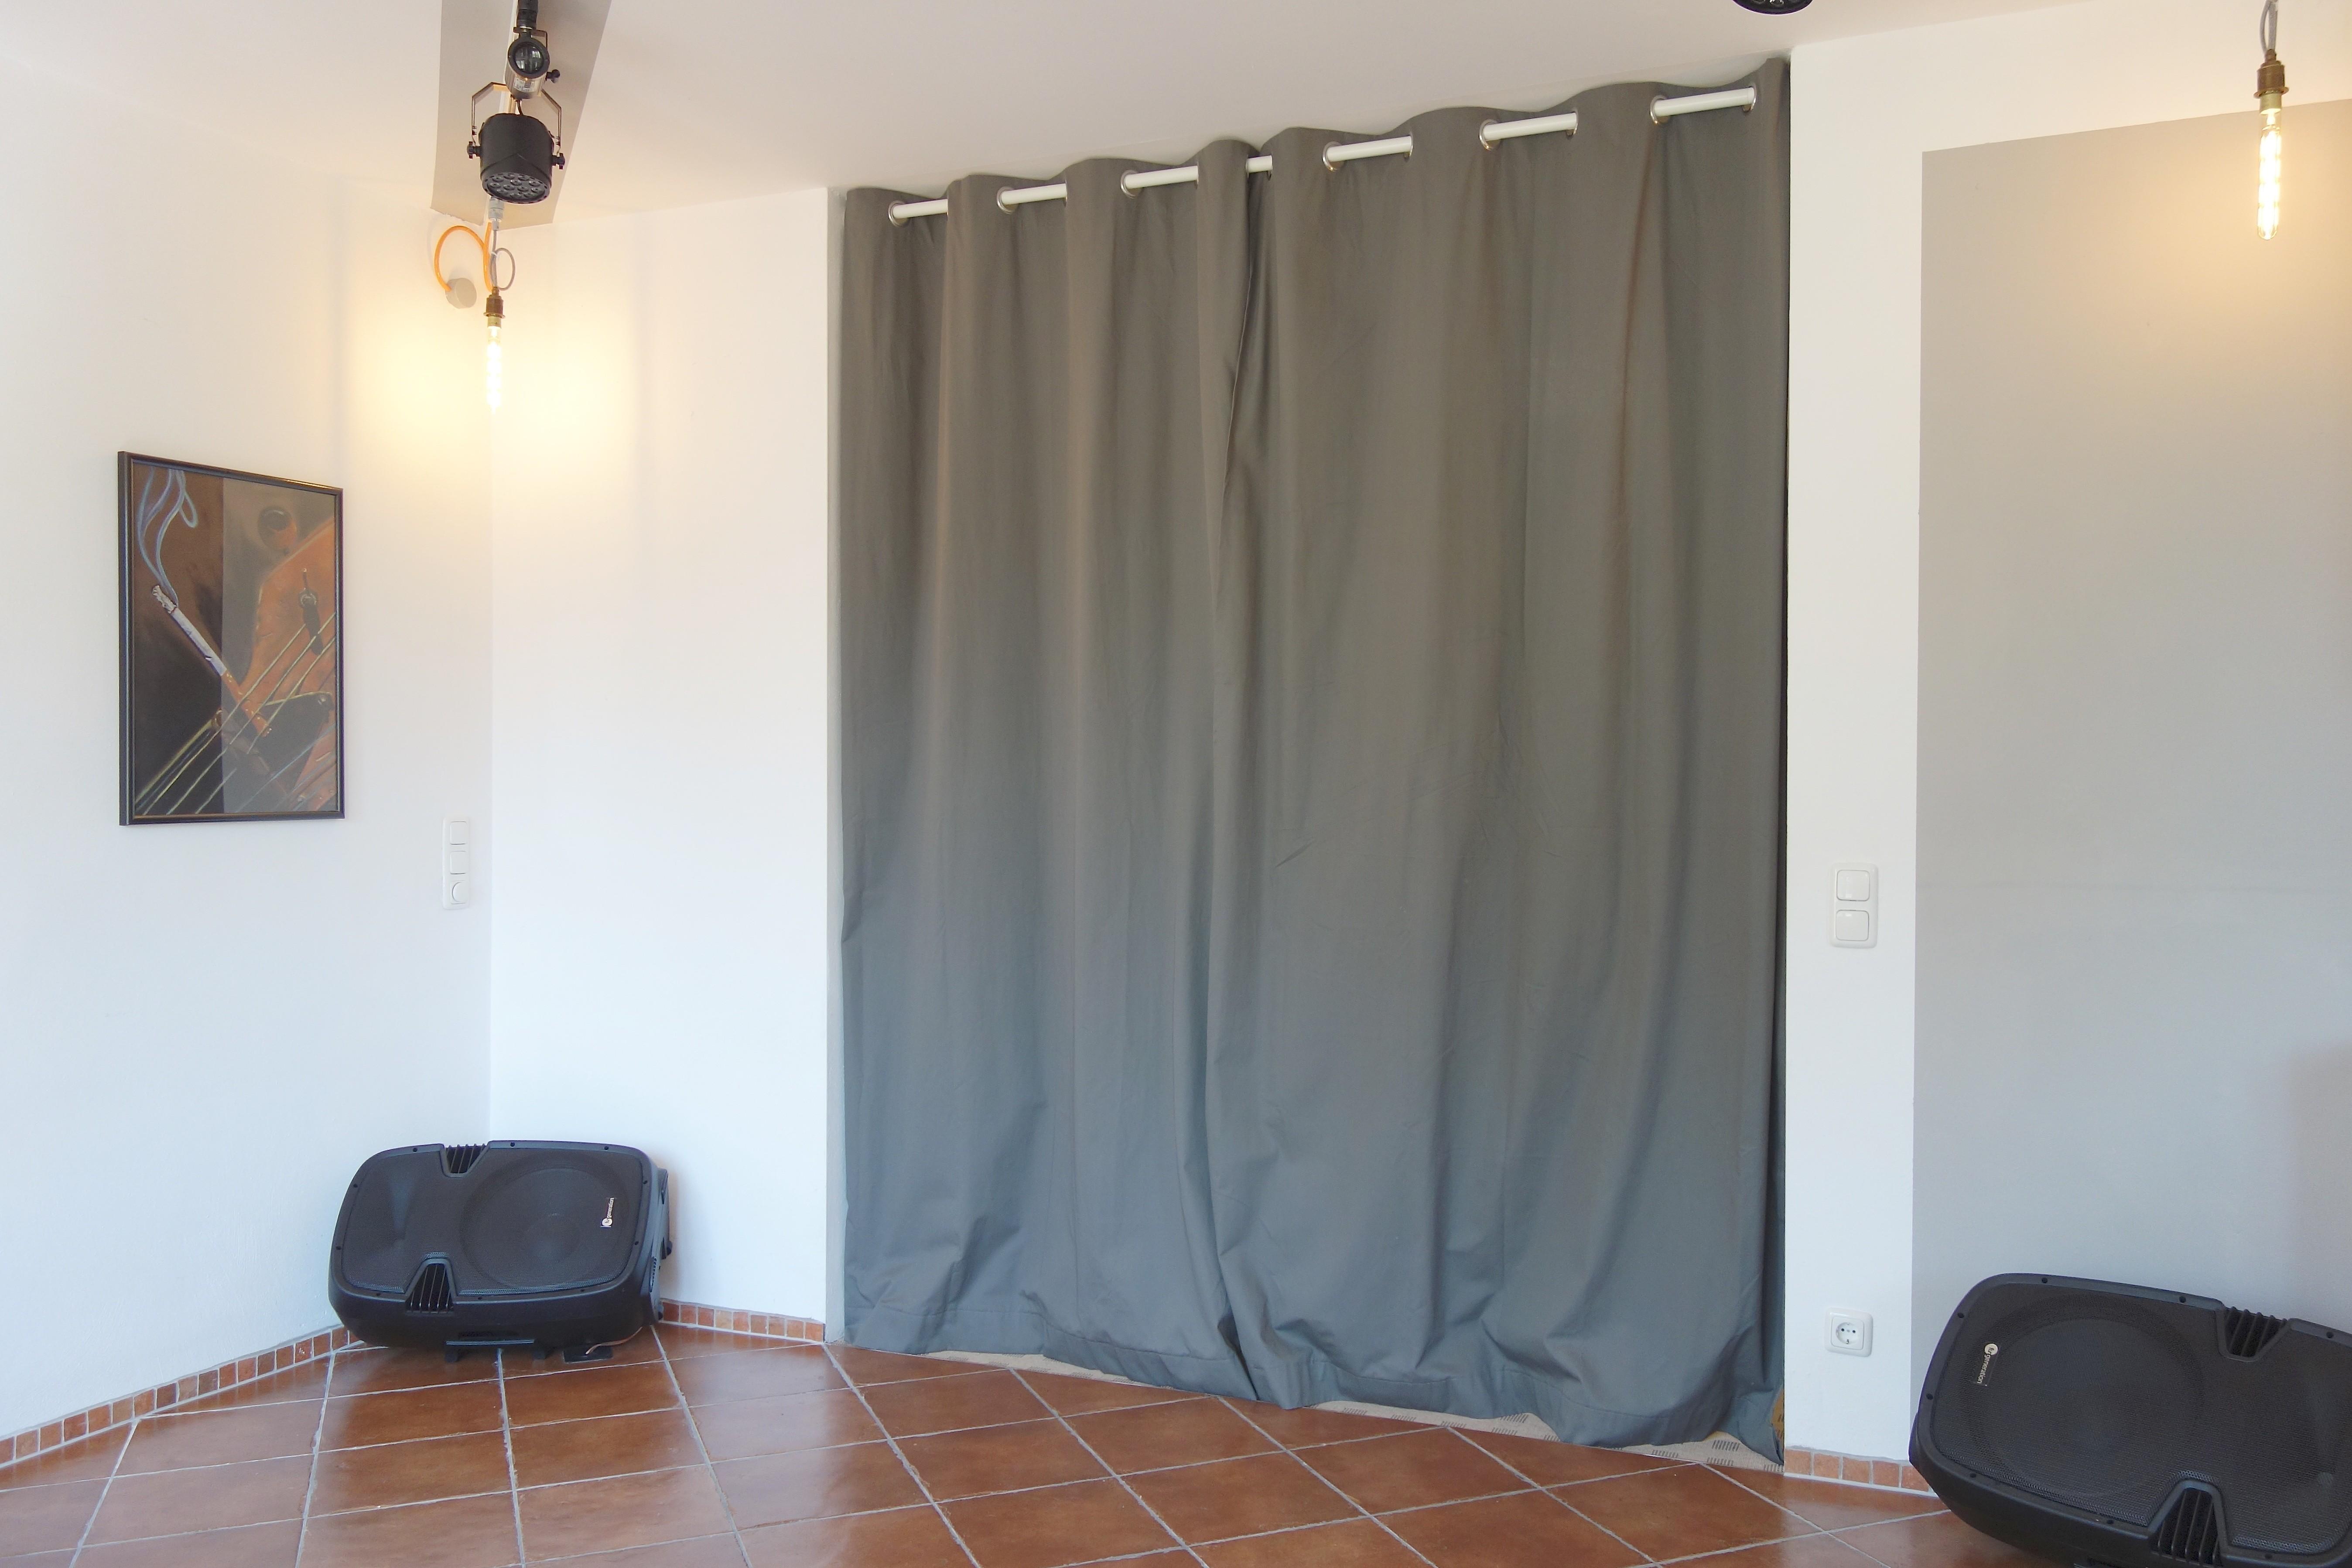 Tanzfläche. Die kräftigen Lautsprecherboxen sind vom Wohnzimmer aus bespielbar.